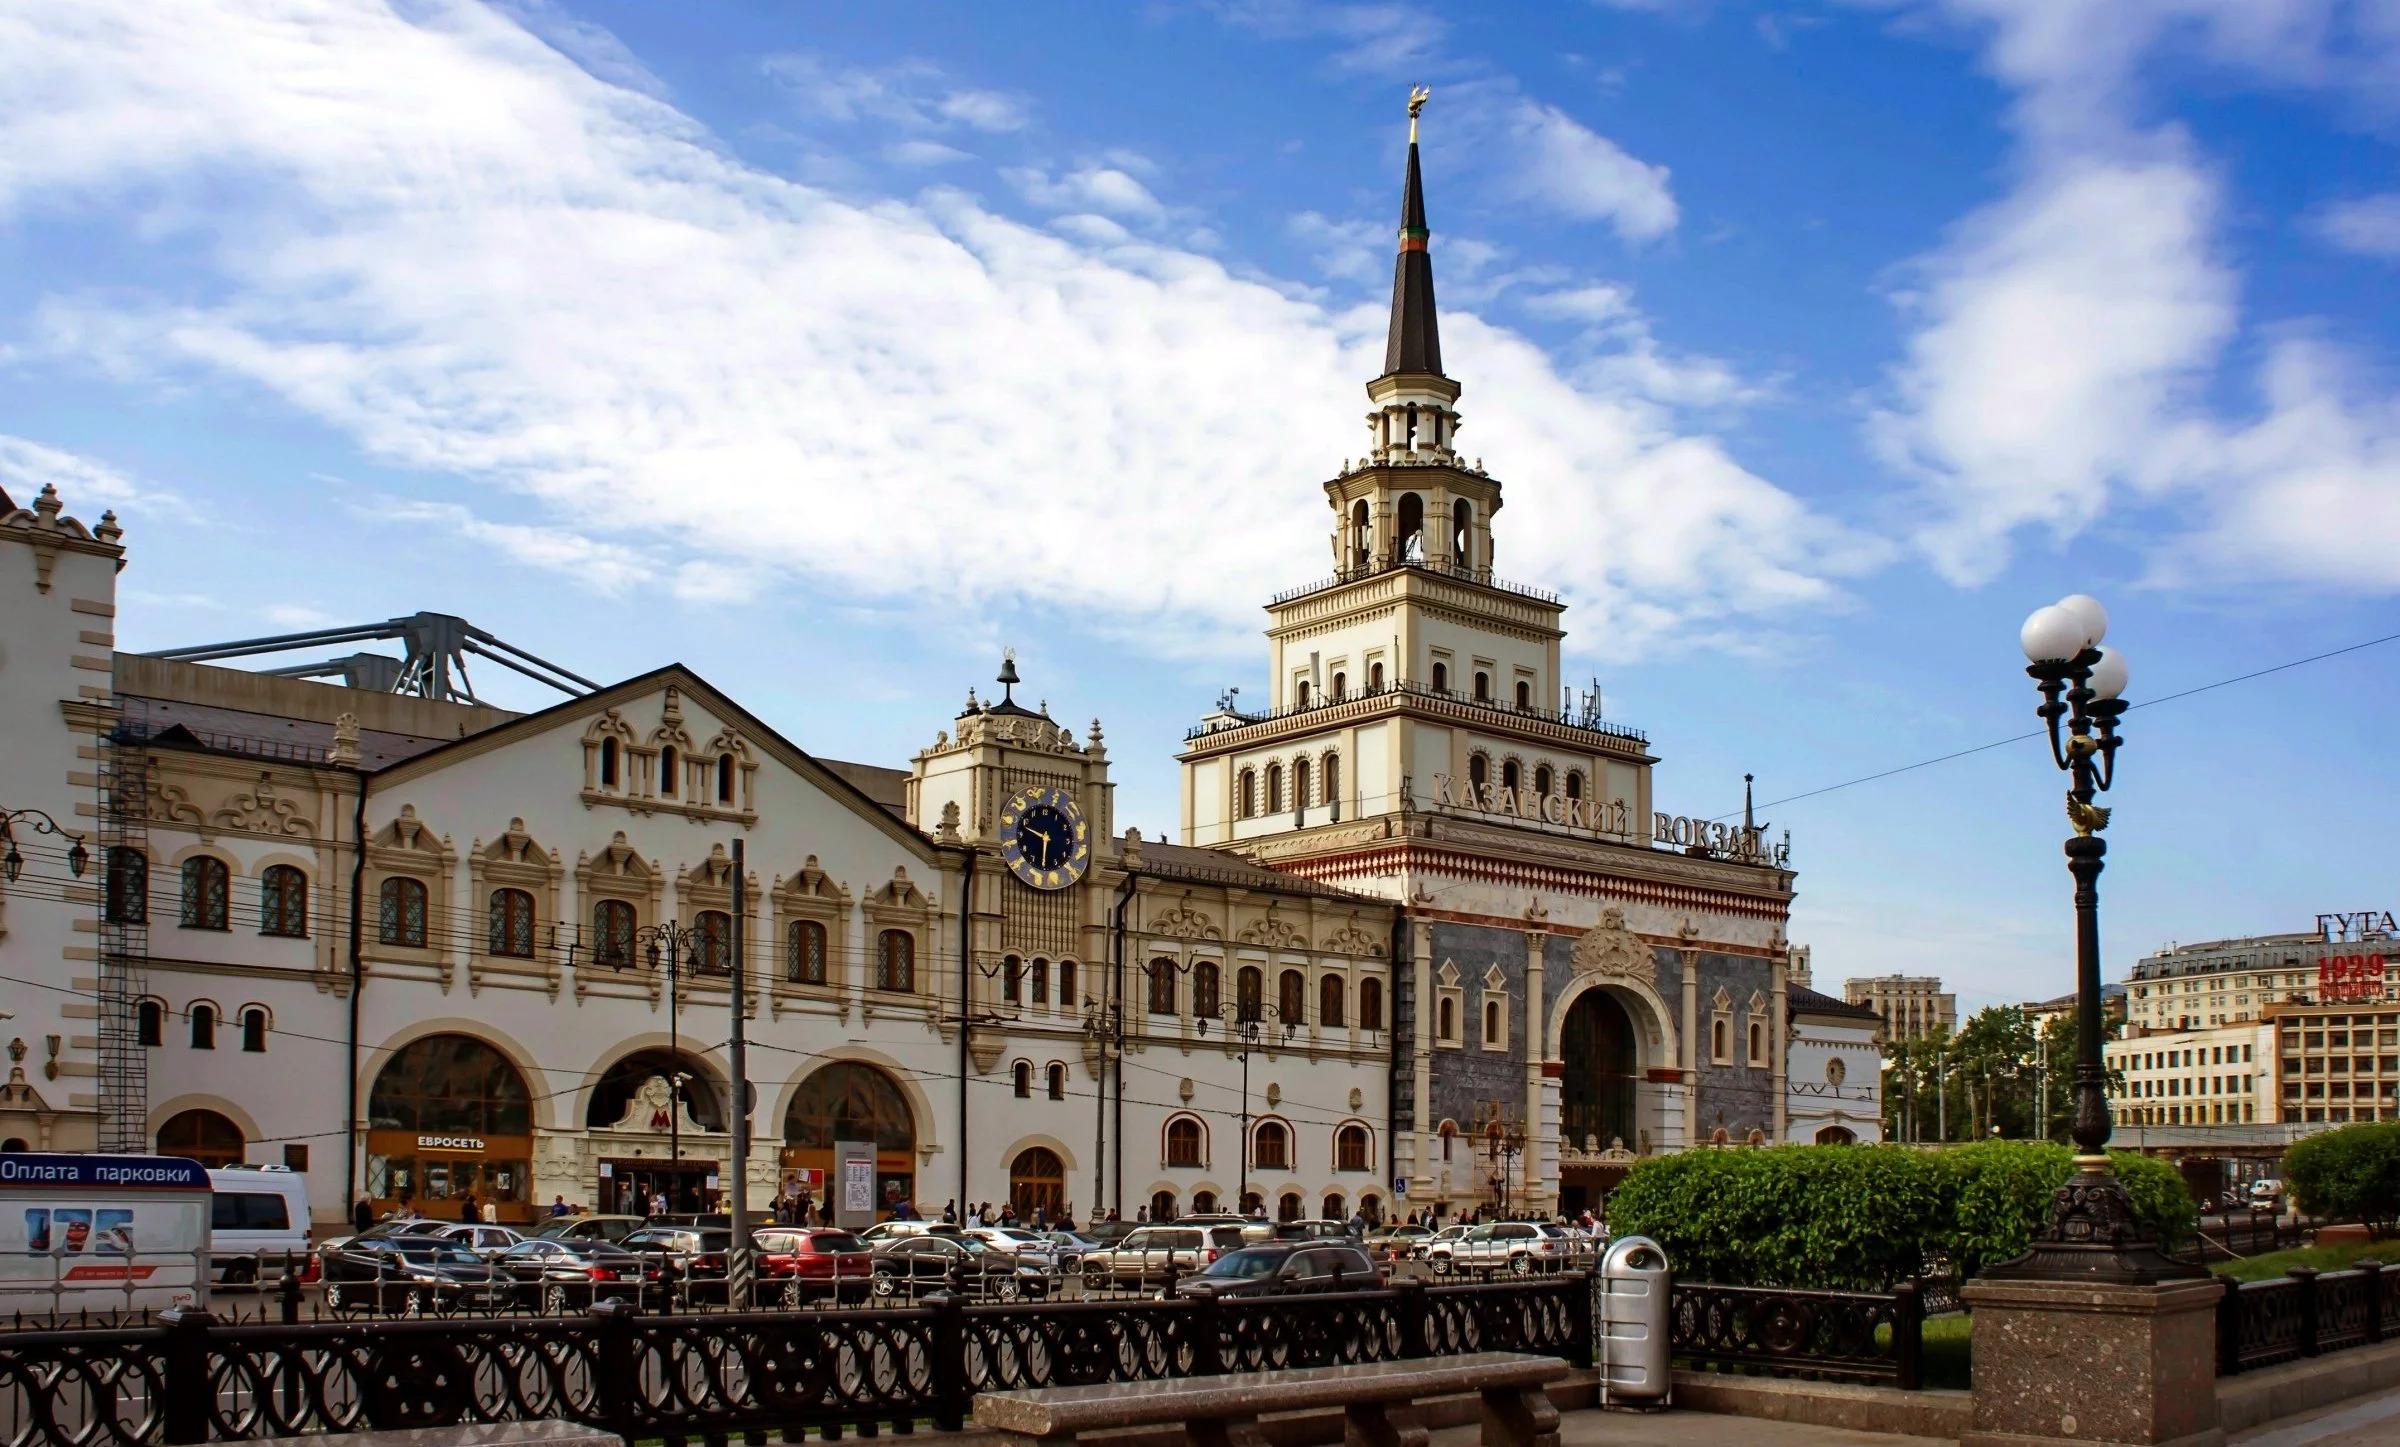 Казанский вокзал в Москве: адрес, телефоны и услуги